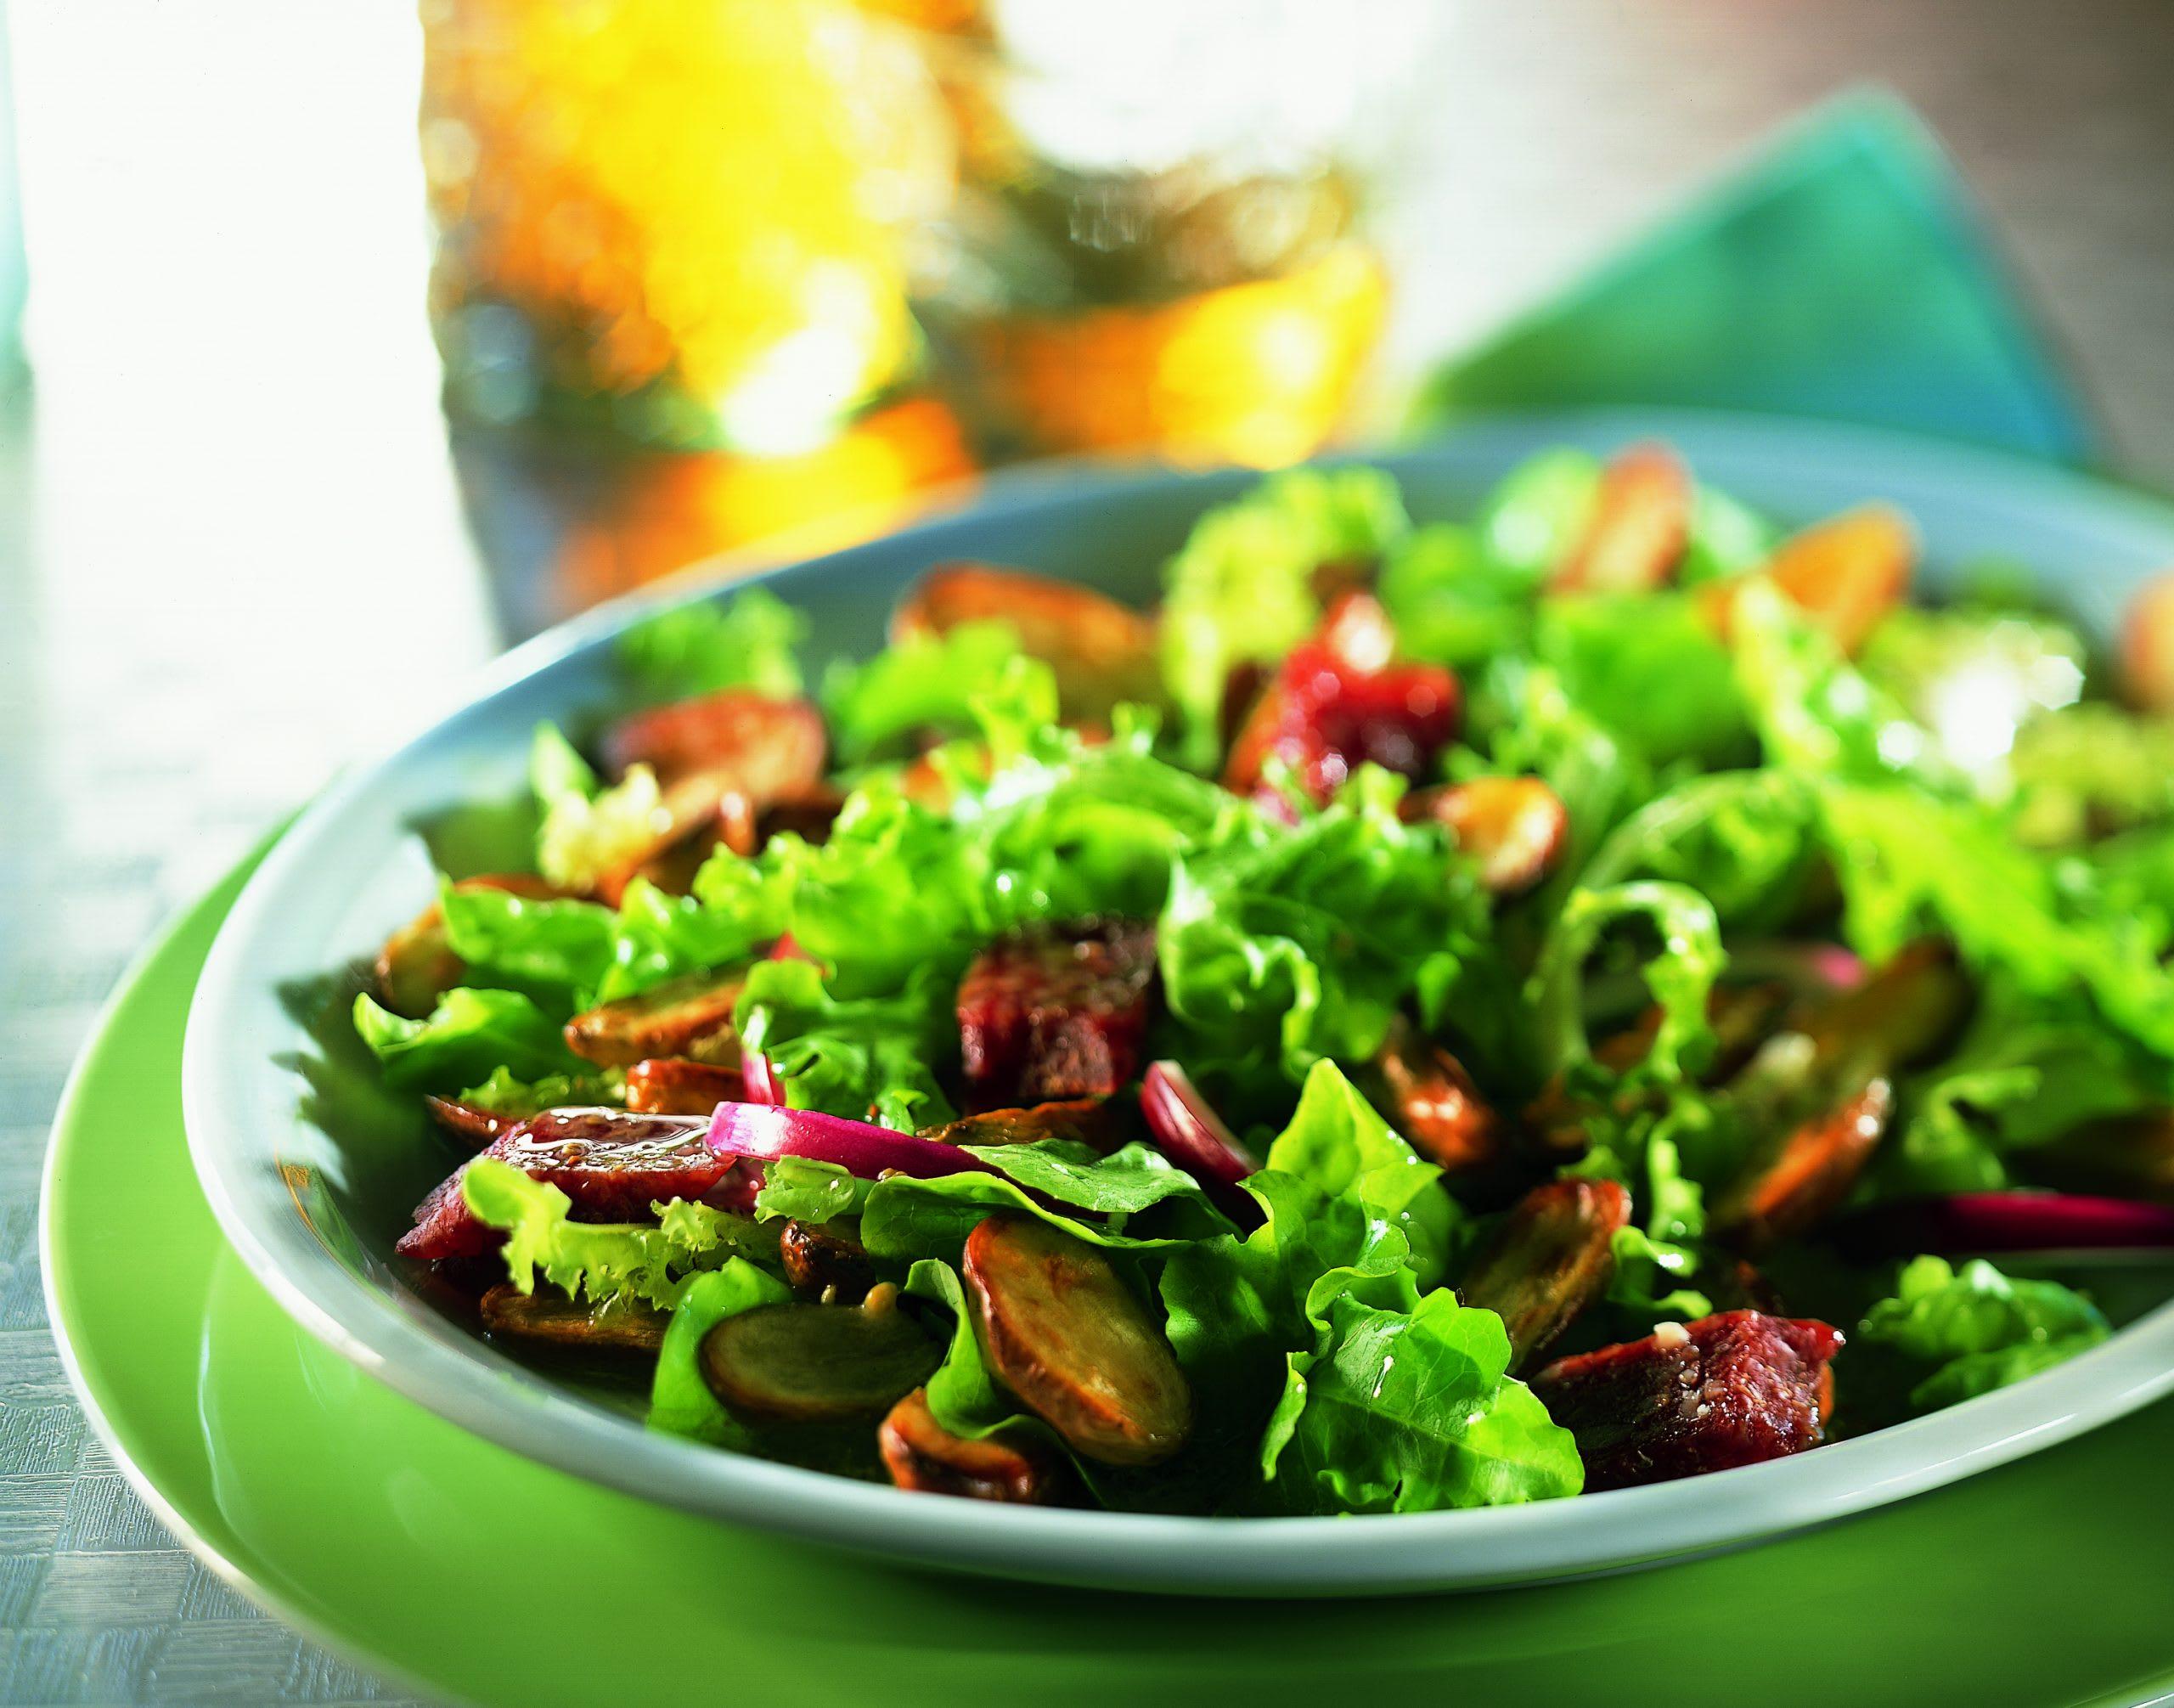 Salade verte aux petits pois et aux pommes de terre au four